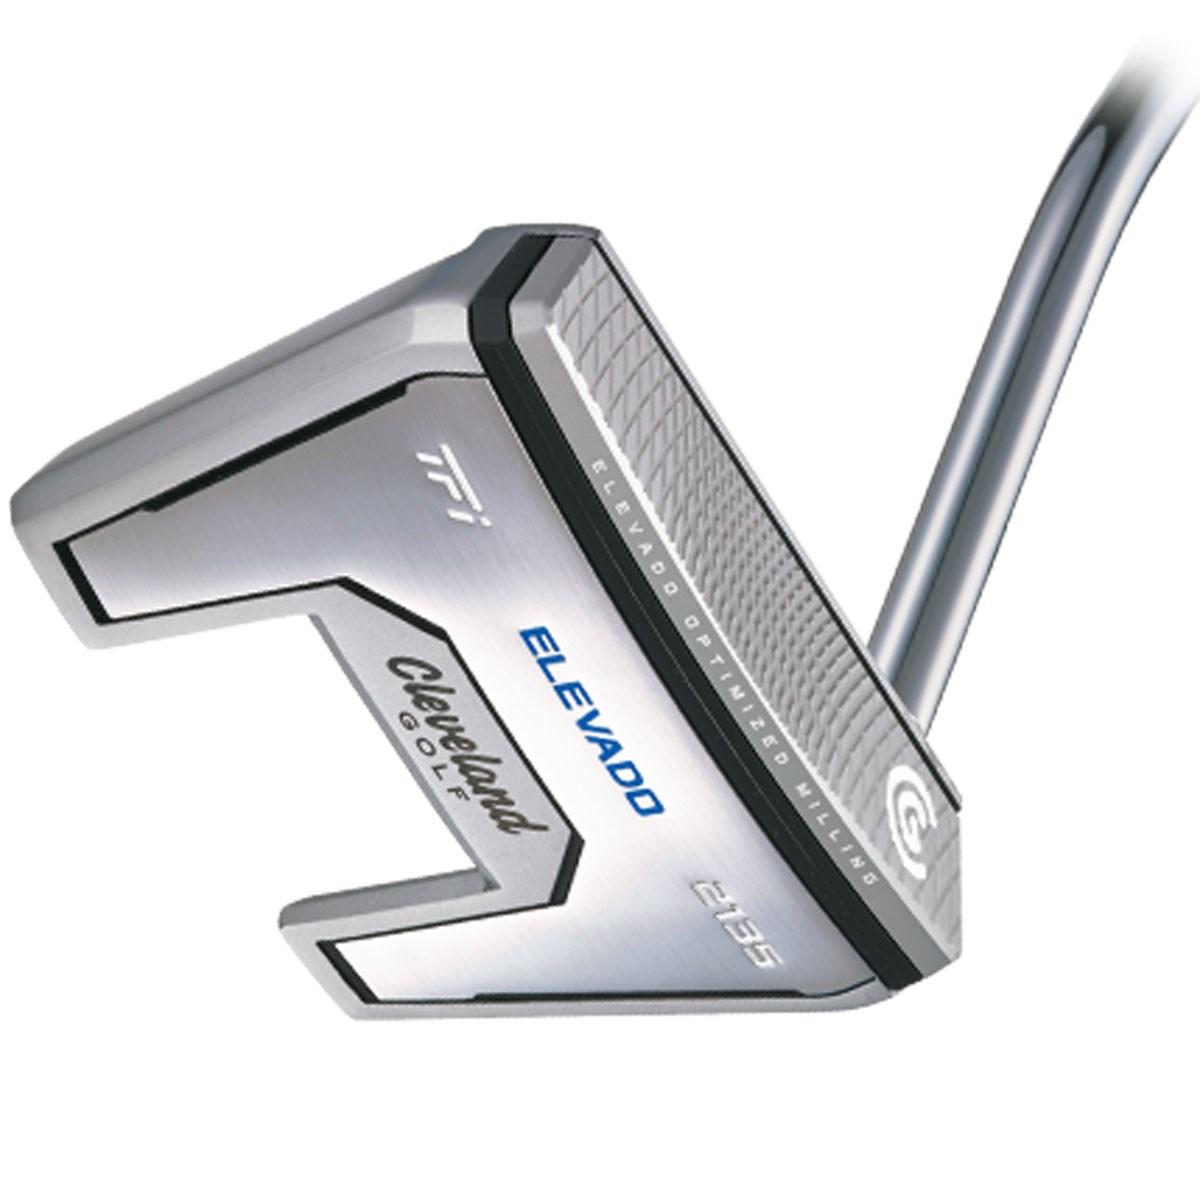 クリーブランド(Cleveland Golf) TFi 2135 SATIN ELEVADO パター